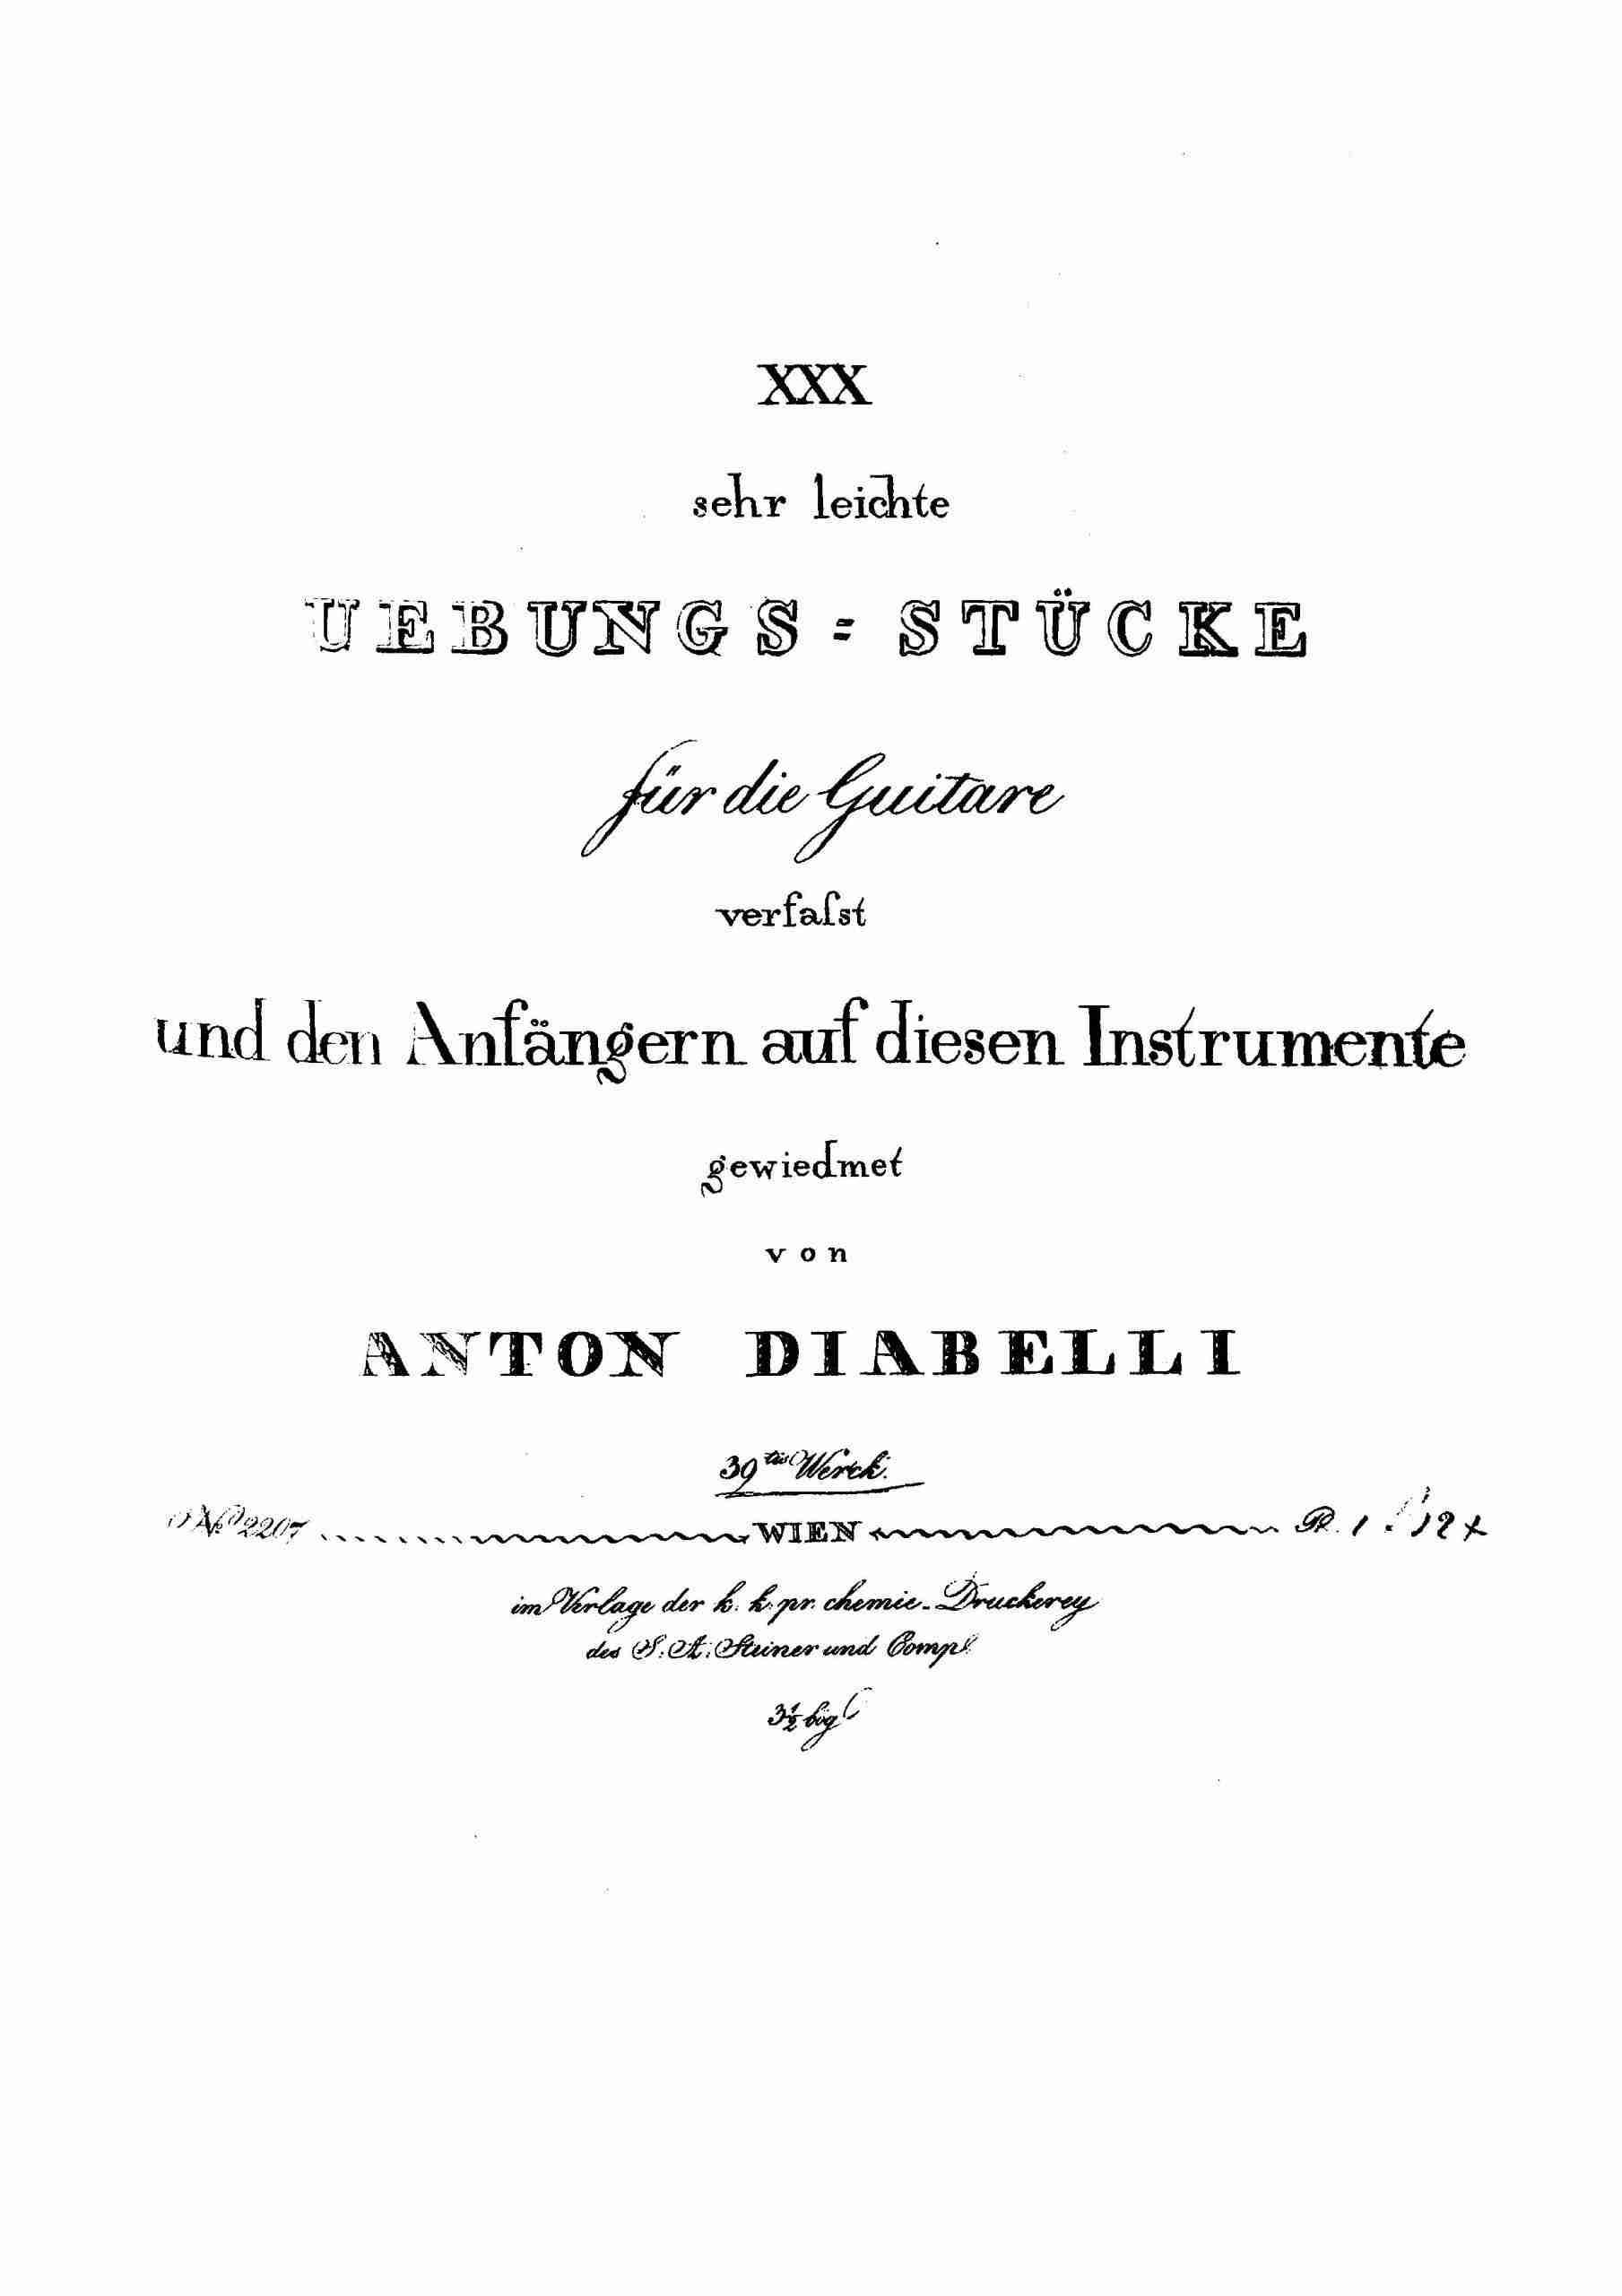 Diabelli, Anton - 30 sehr leichte Übungsstücke für Gitarre, Op.39